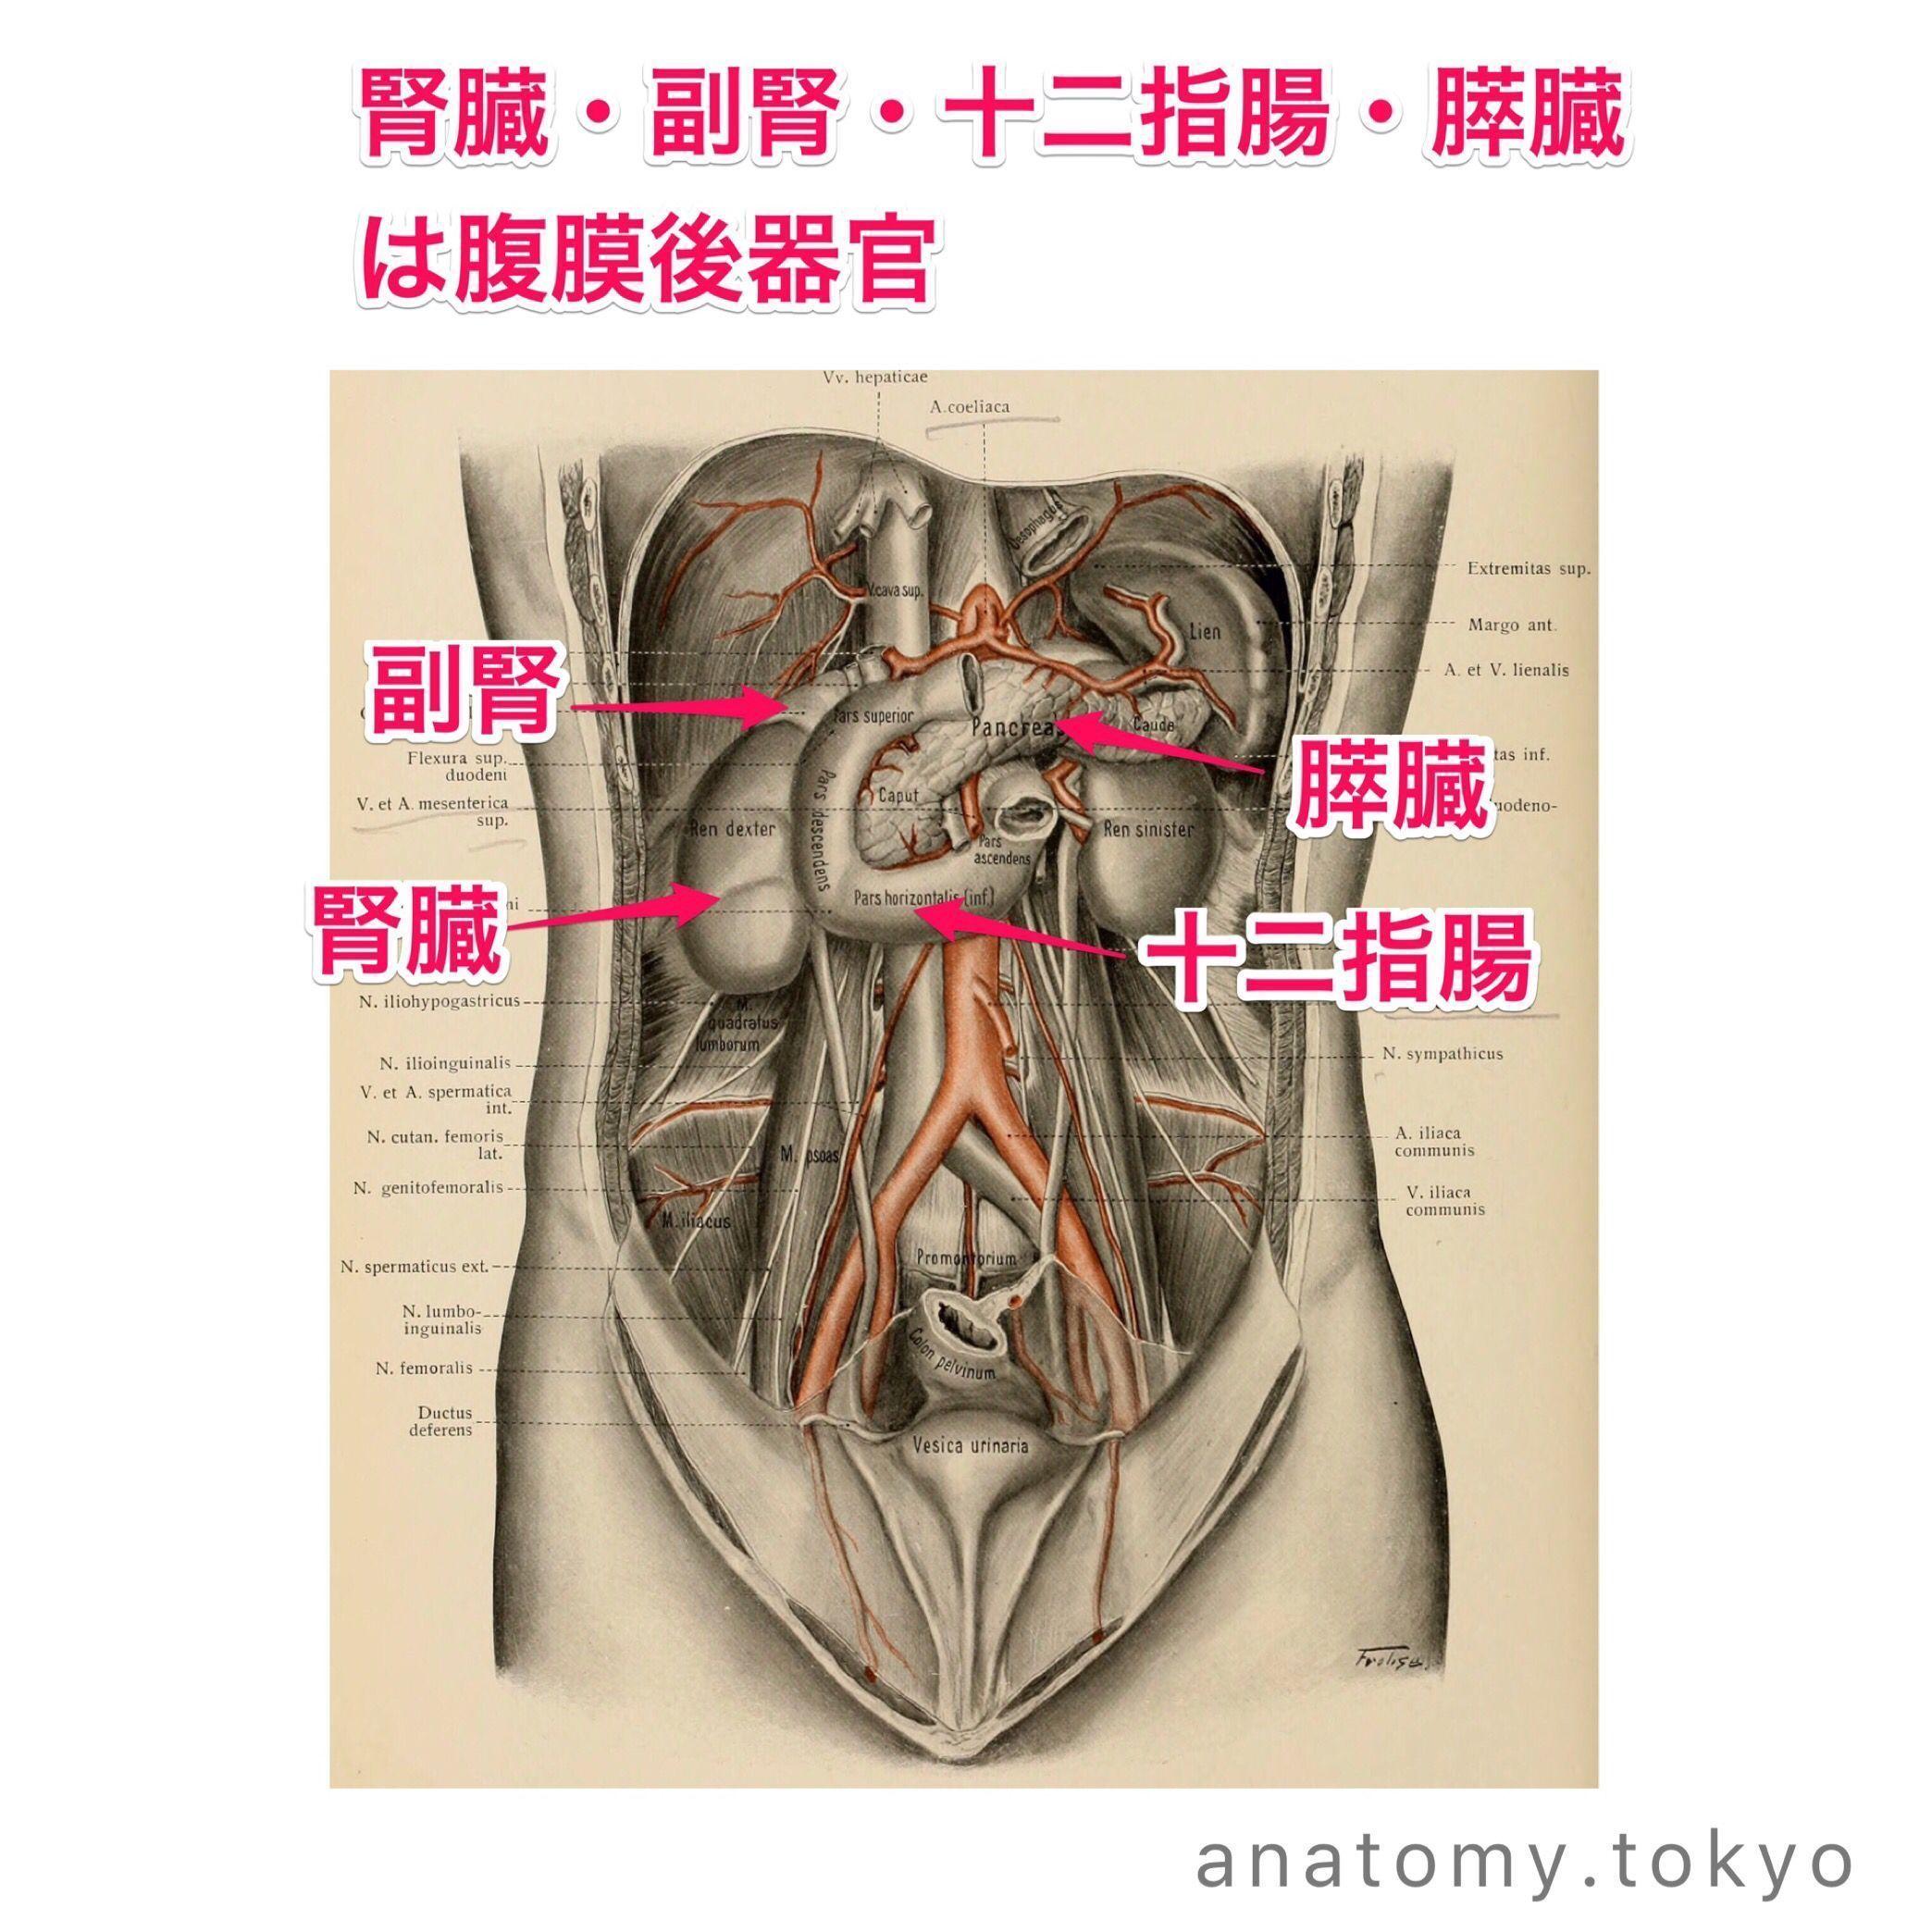 膵臓は (腹膜 器官) である (解答) 腹膜後器官 膵臓は腹膜後器官です ...